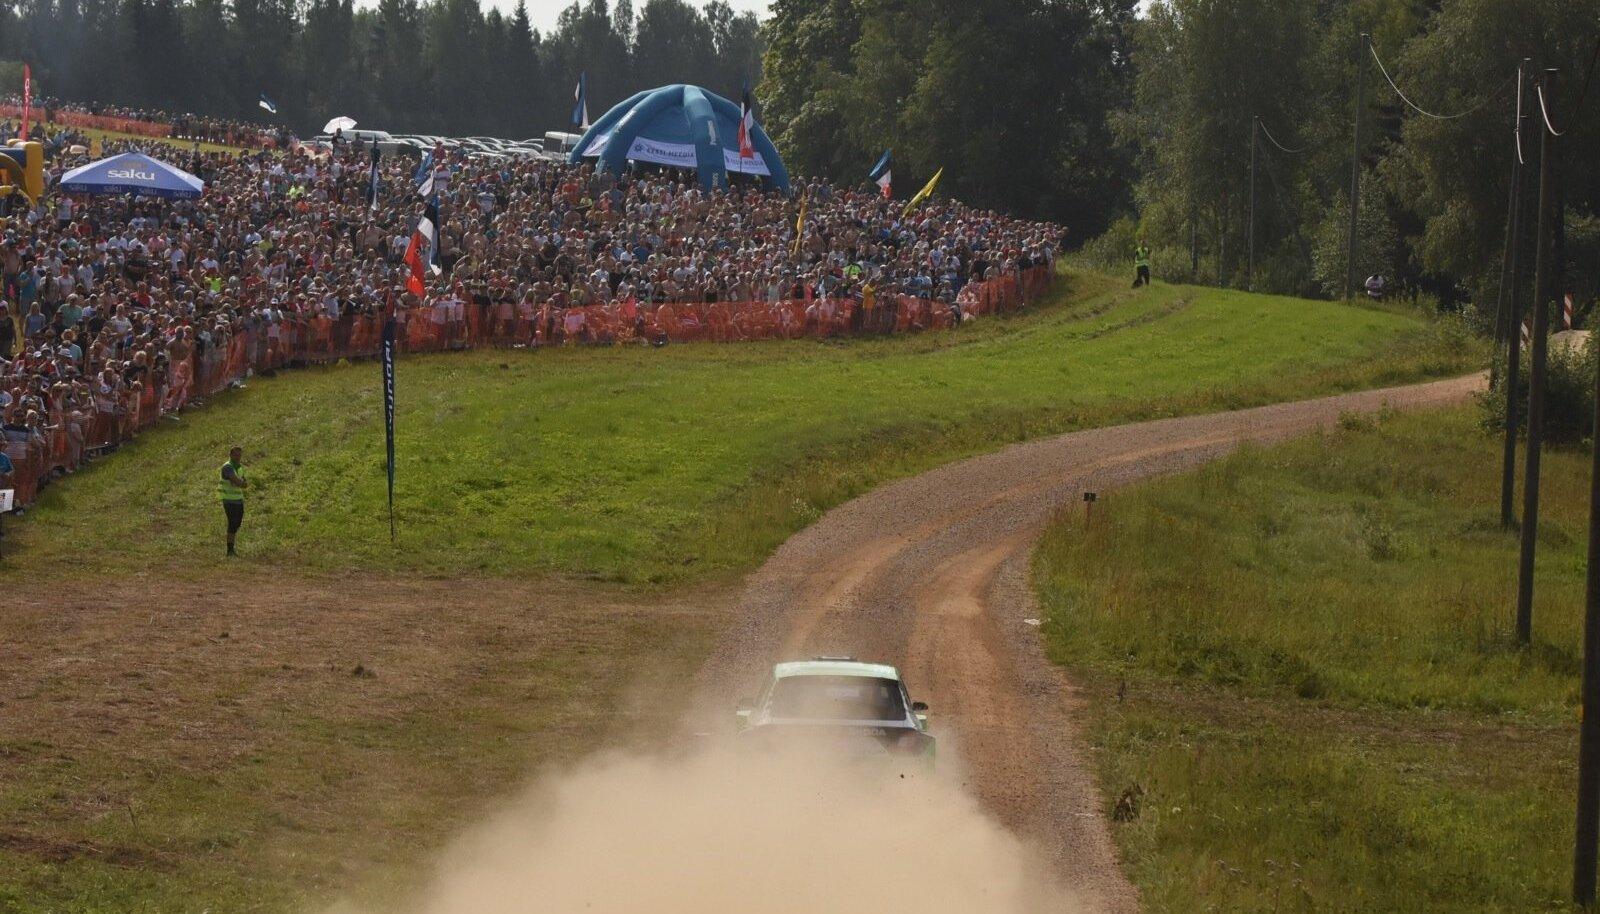 Rally Estonia korraldajad soovivad kogu publiku koondada vaid spetsiaalsetesse vaatamiskohtadesse.